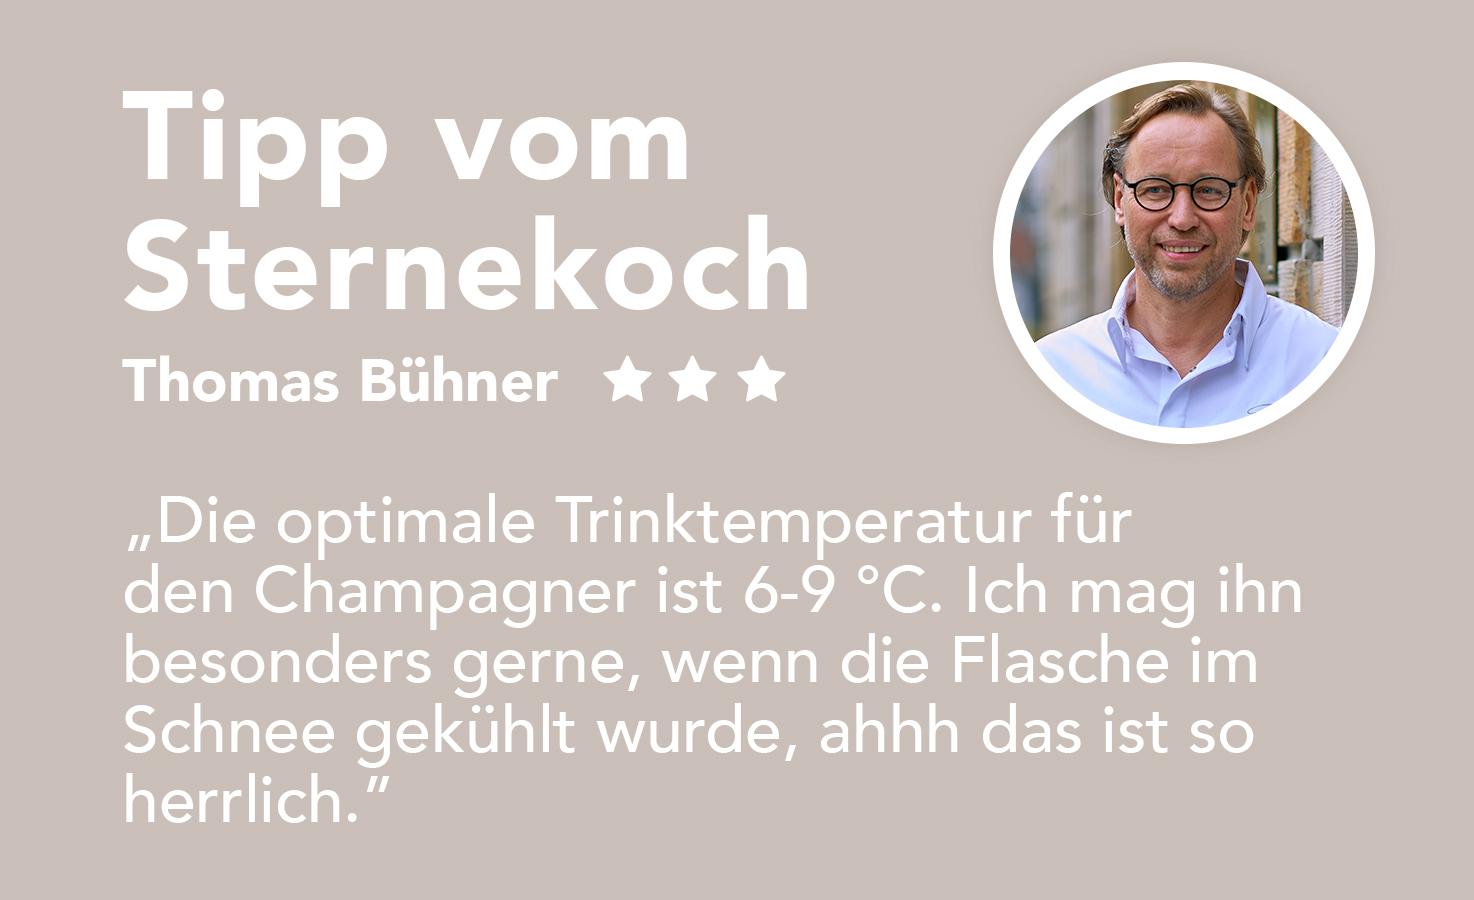 Empfehlung Thomas Bühner